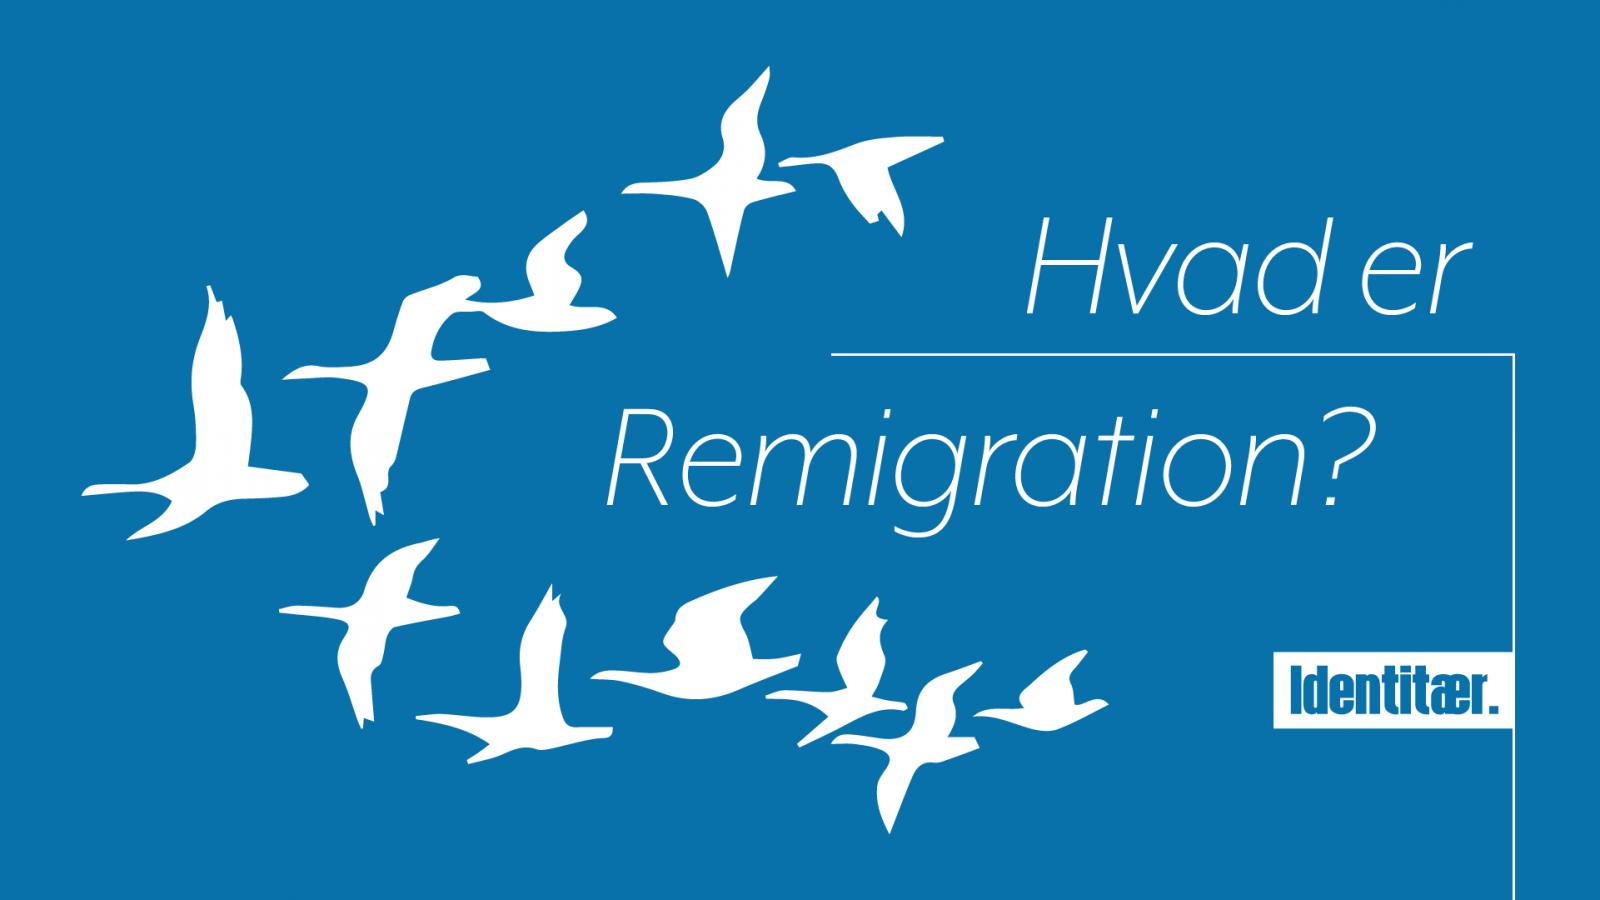 Hvad er remigration?